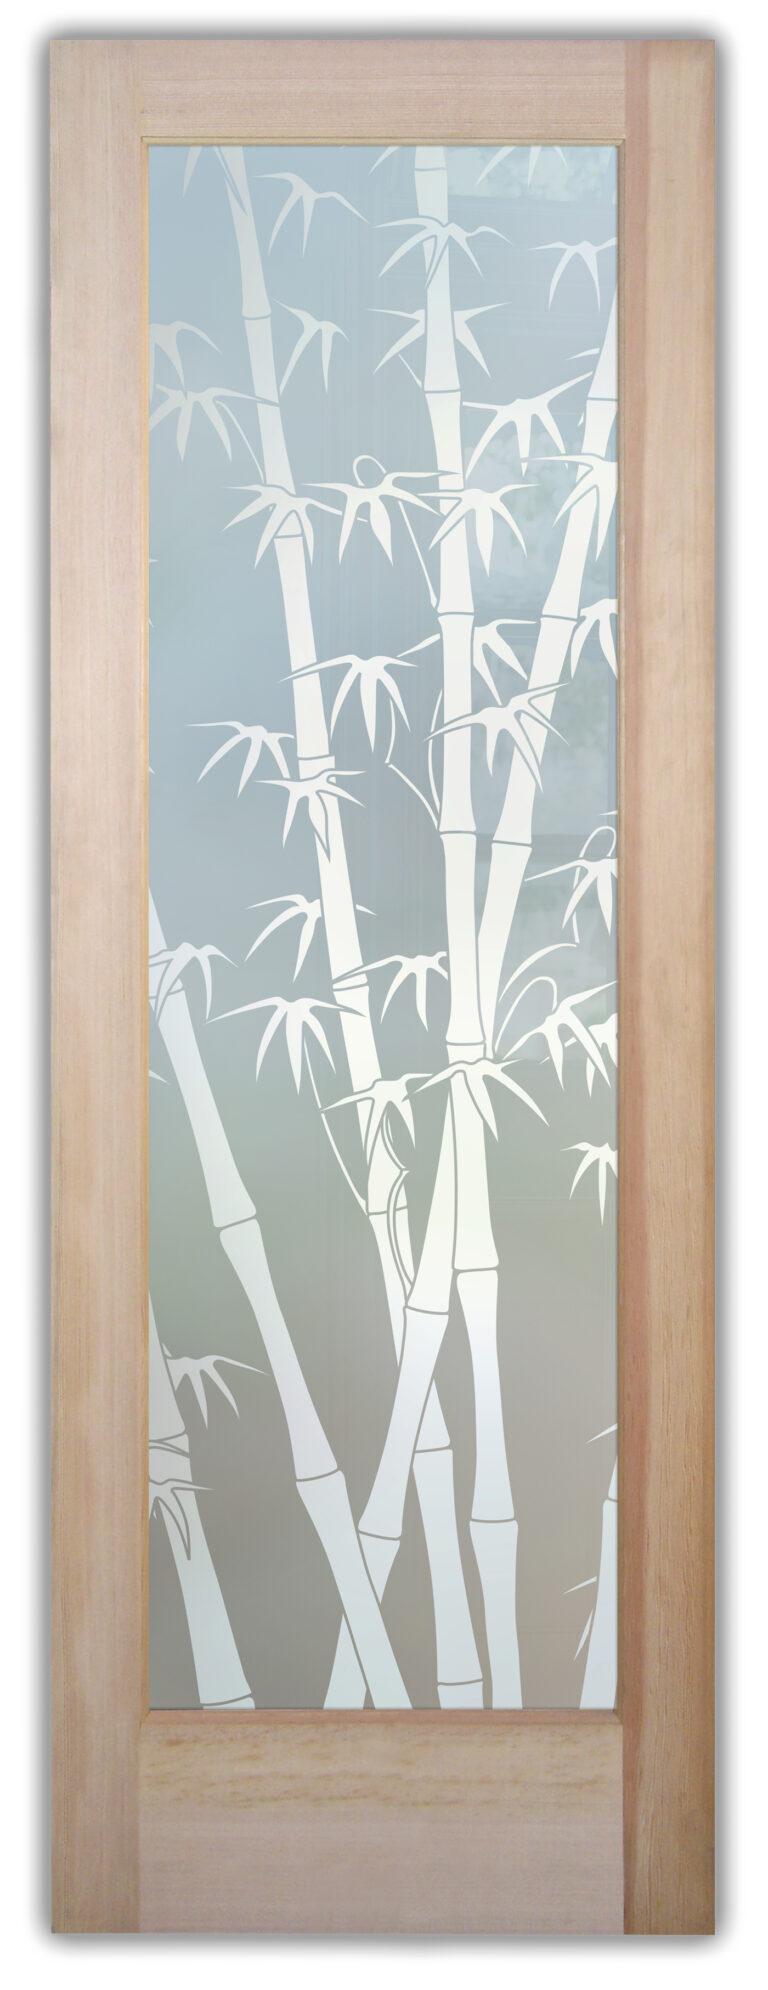 Bamboo Shoots II Green